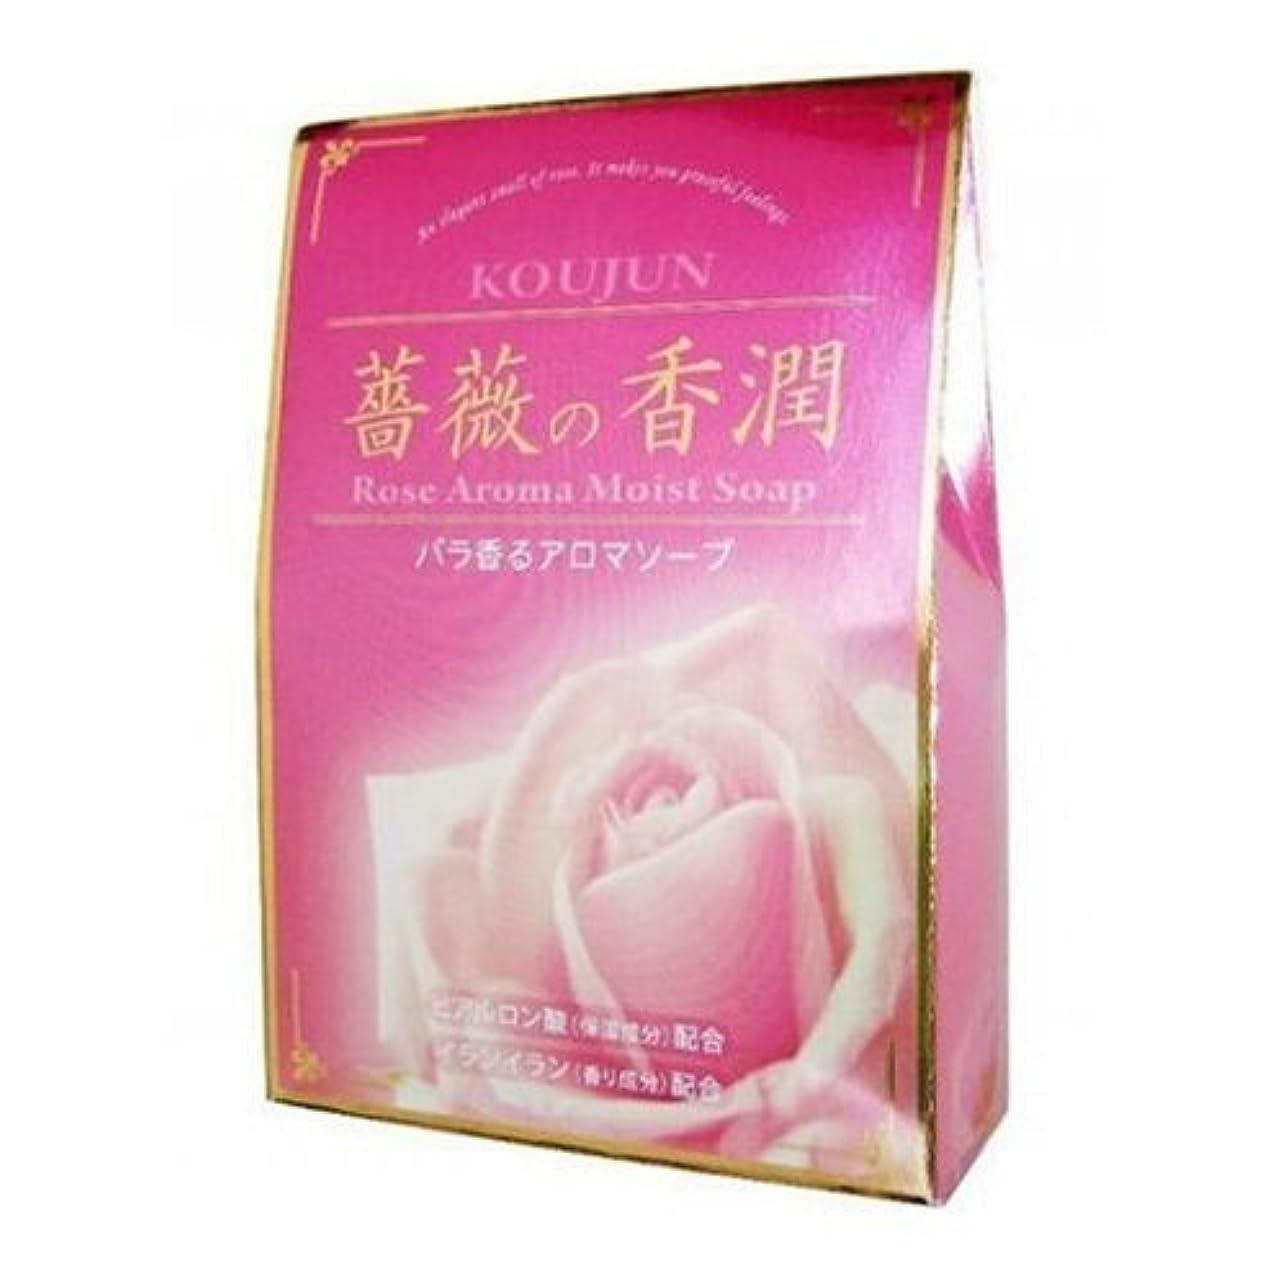 ラジエーター幸運なことにクレーン薔薇の香潤 (泡立てネット付) 80g